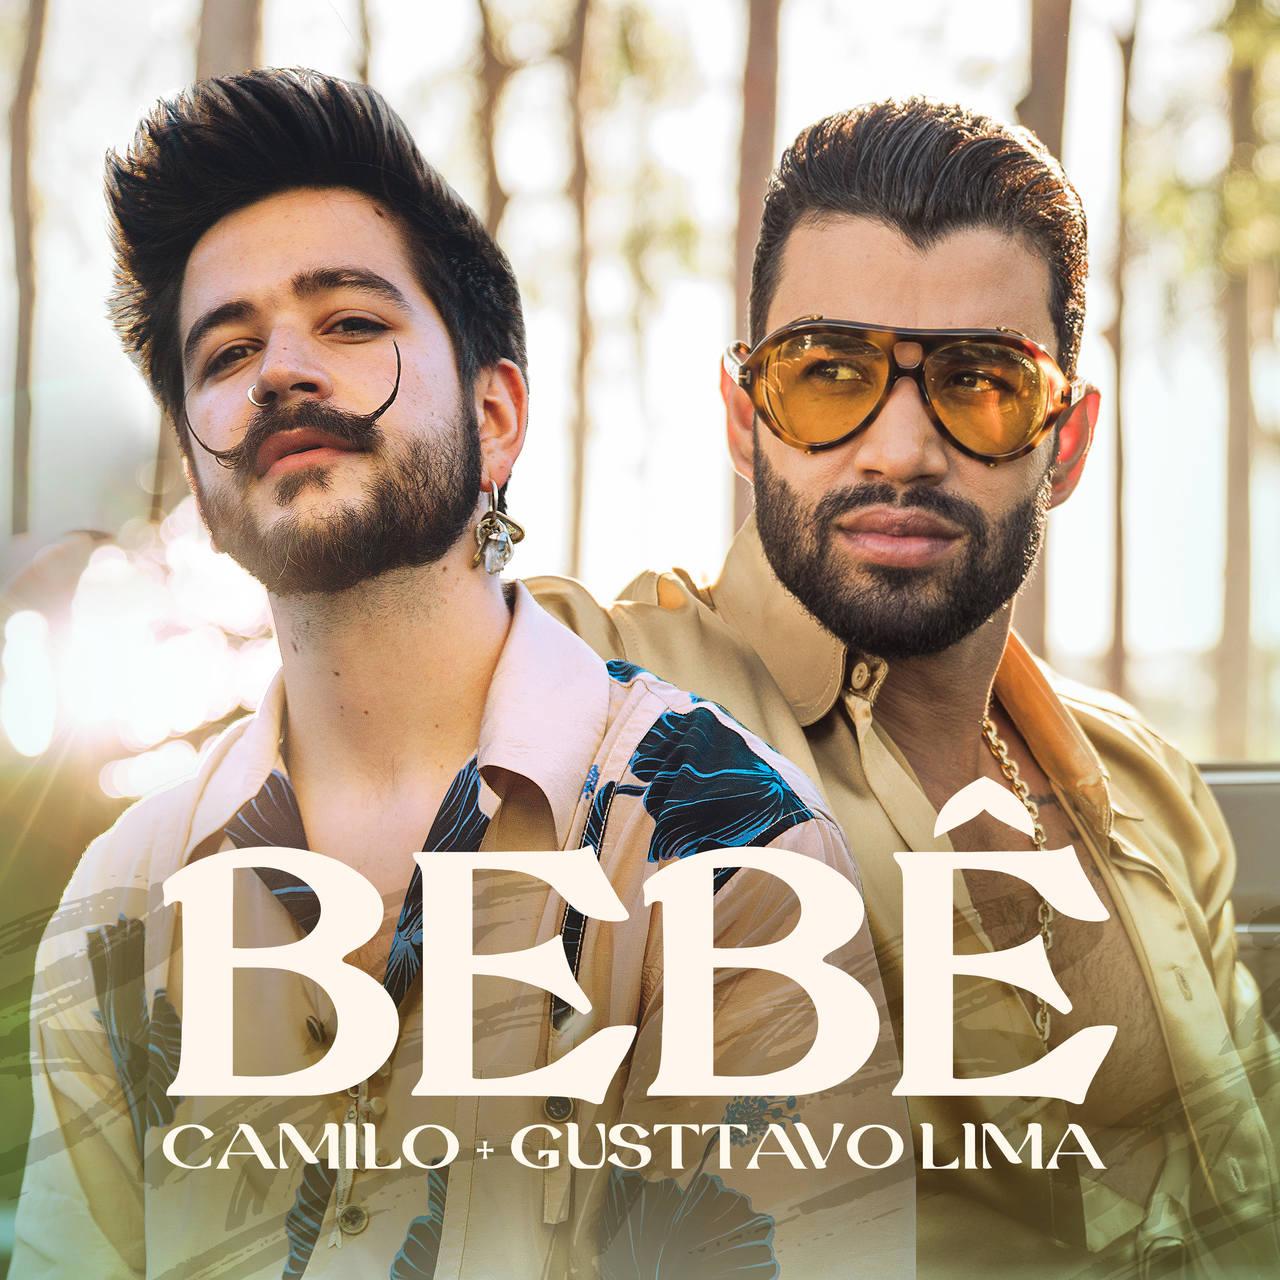 """Camilo e Gusttavo Lima lançam música juntos: """"Bebê"""" 41"""